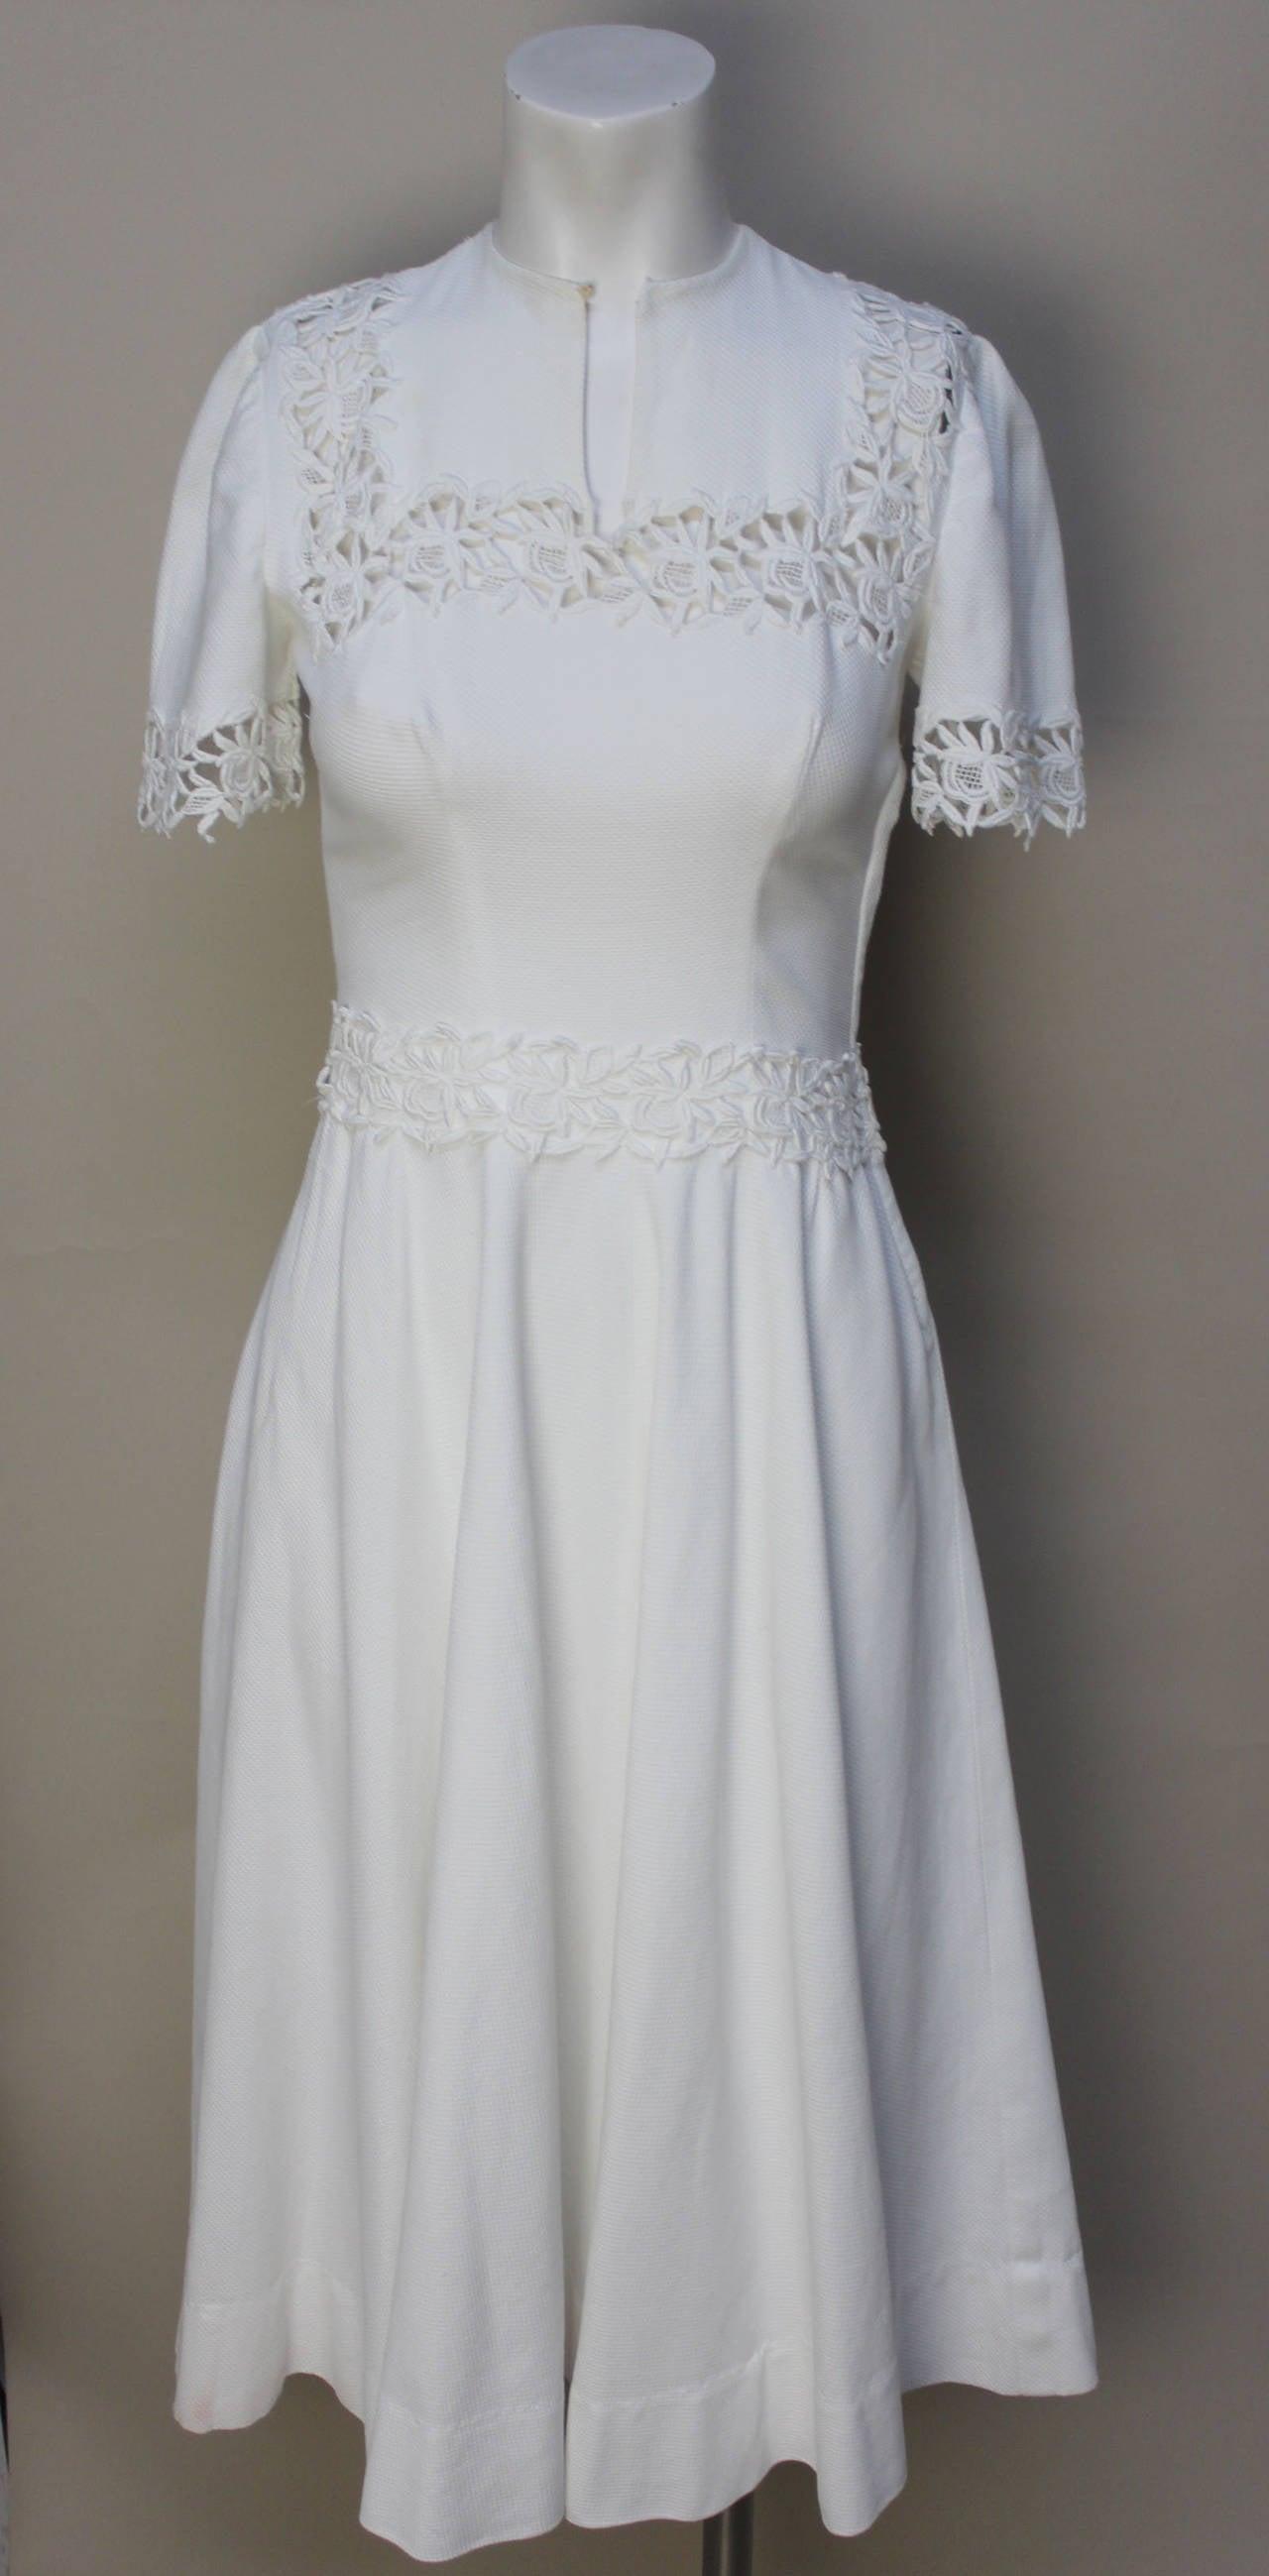 1940s/1950s Lawn Party White Pique Dress 2